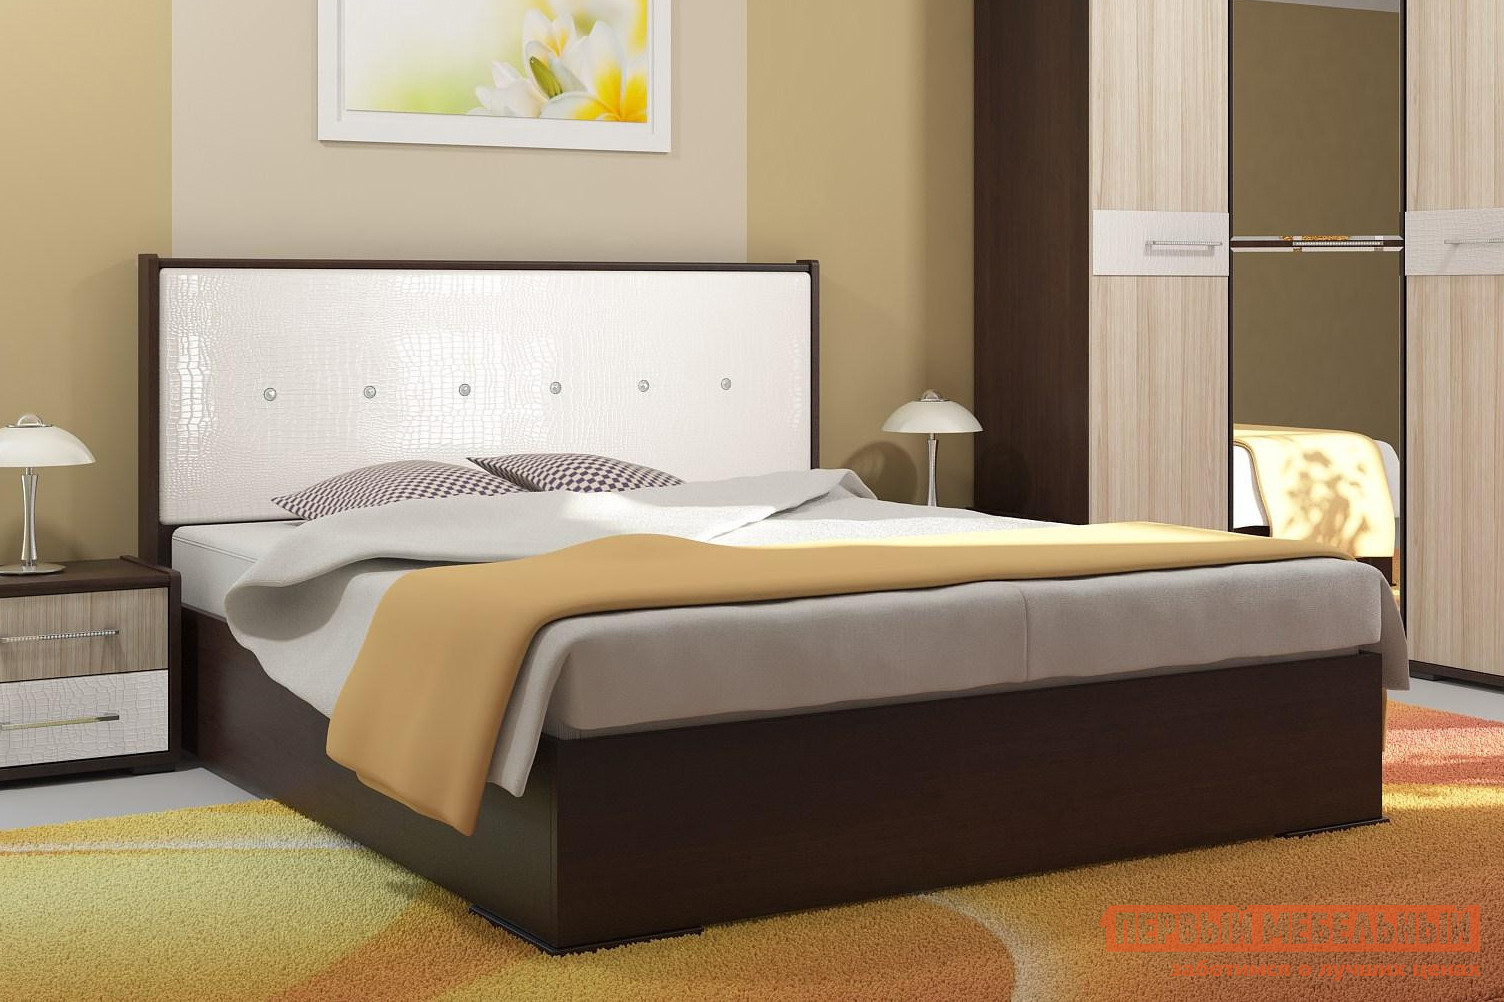 Двуспальная кровать Первый Мебельный Луиза и л бим л и рыжова deutsch 2 klasse arbeitsbuch немецкий язык 2 класс рабочая тетрадь в 2 частях часть b